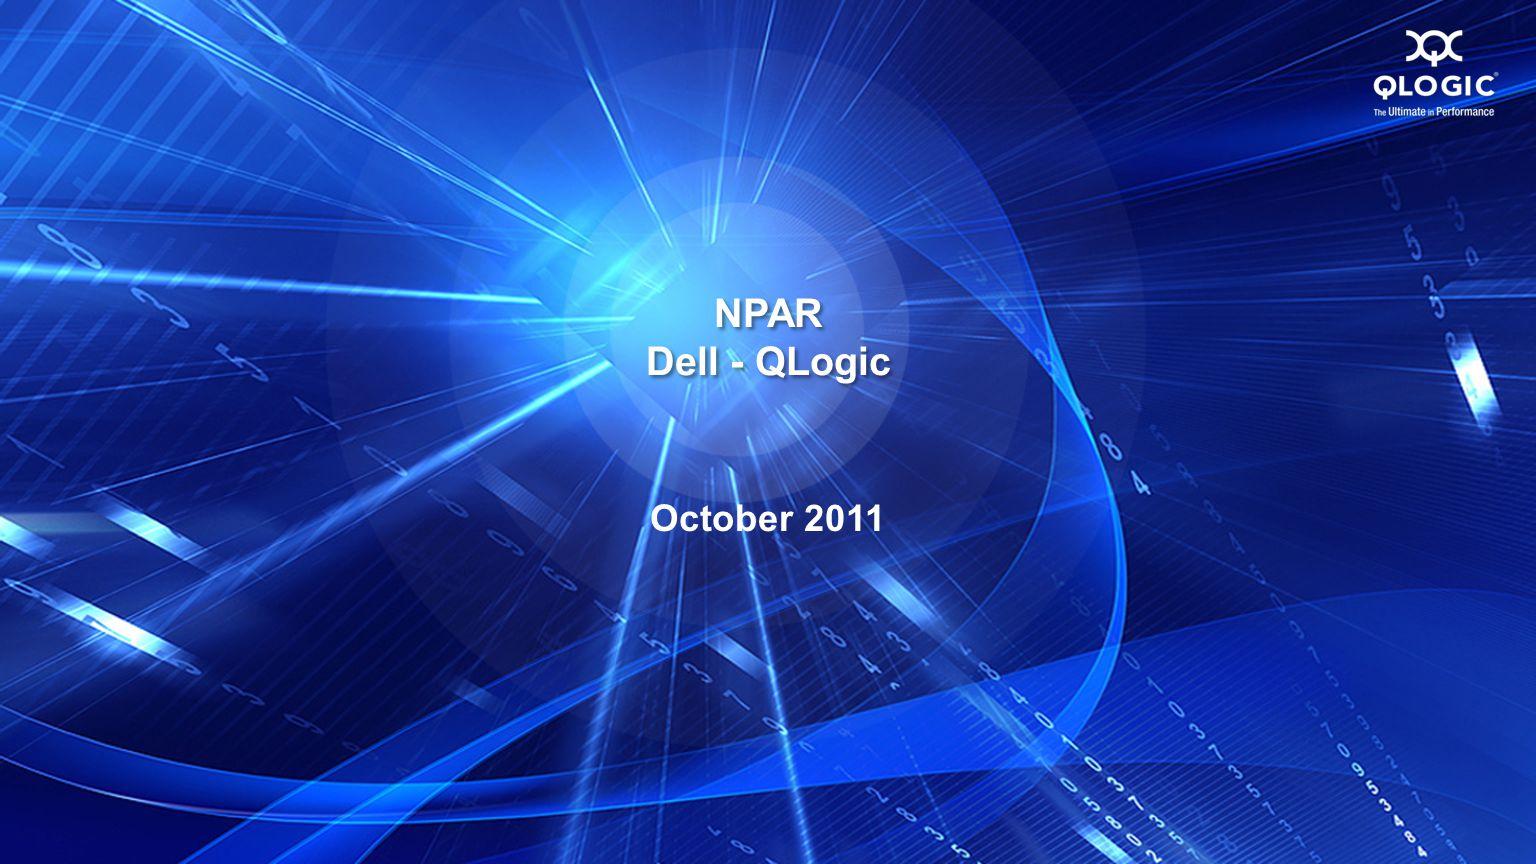 NPAR Dell - QLogic October 2011